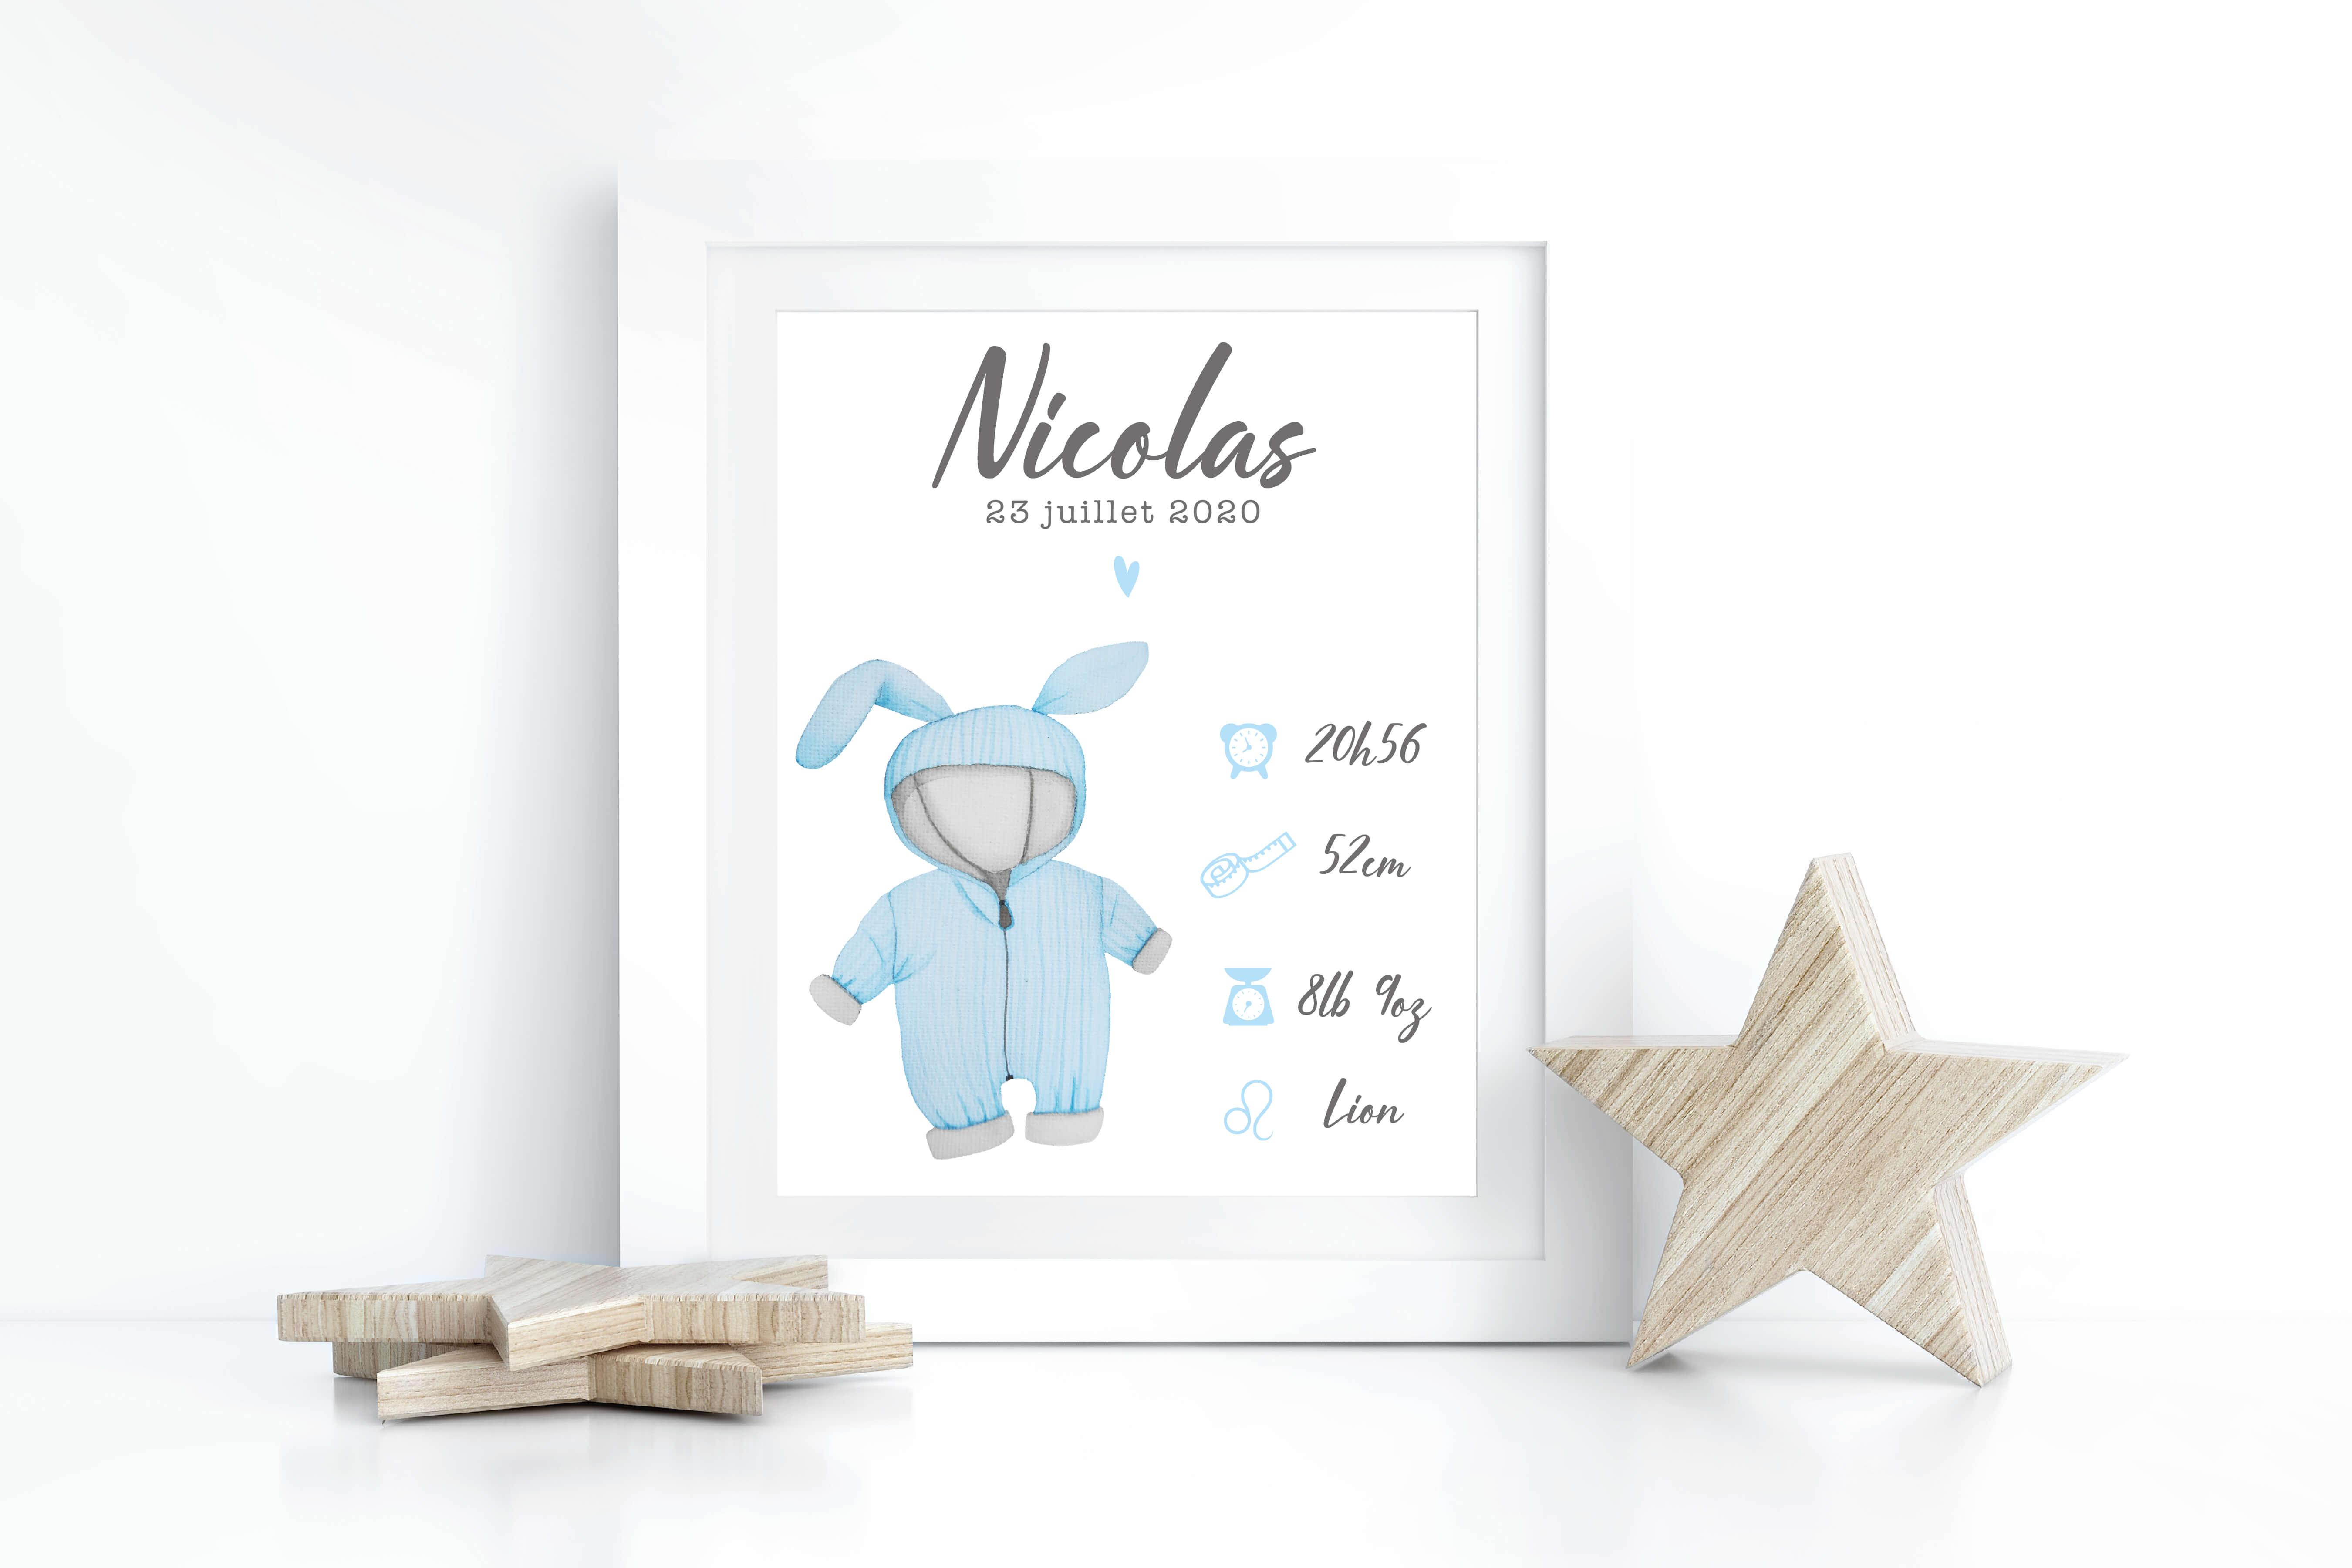 Affiche Naissance Nicolas 1